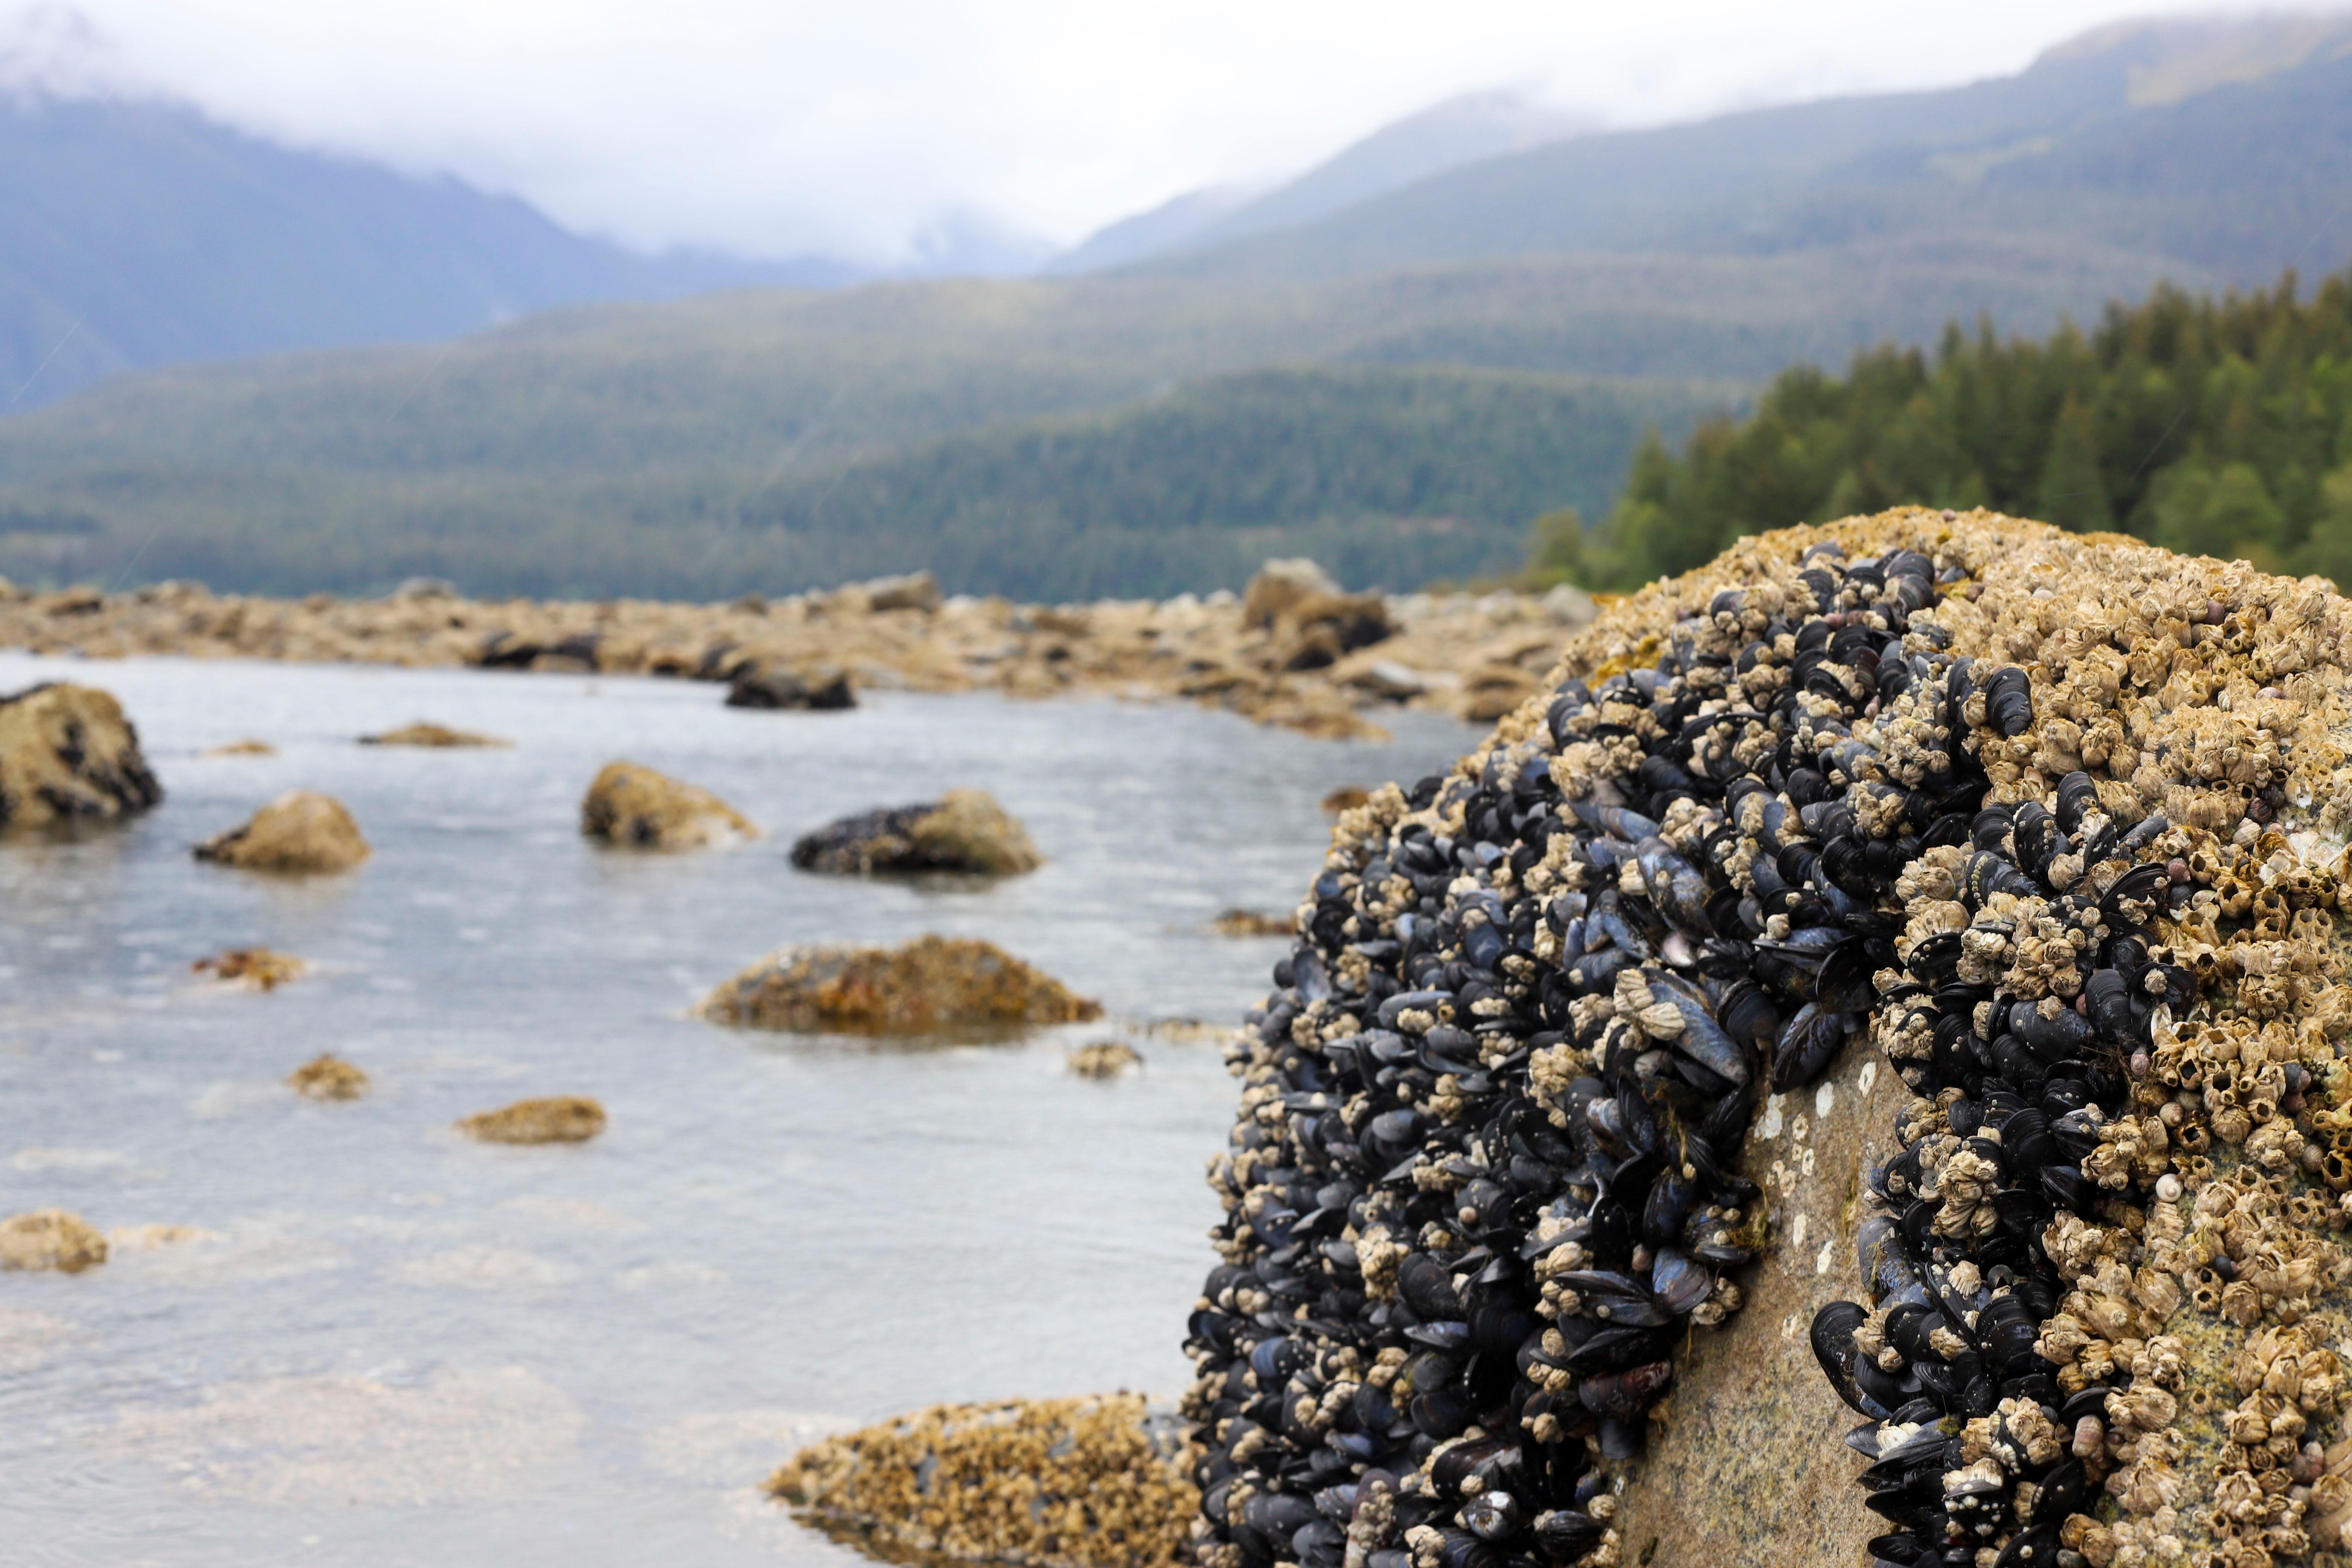 קונכיות כחולות באלסקה